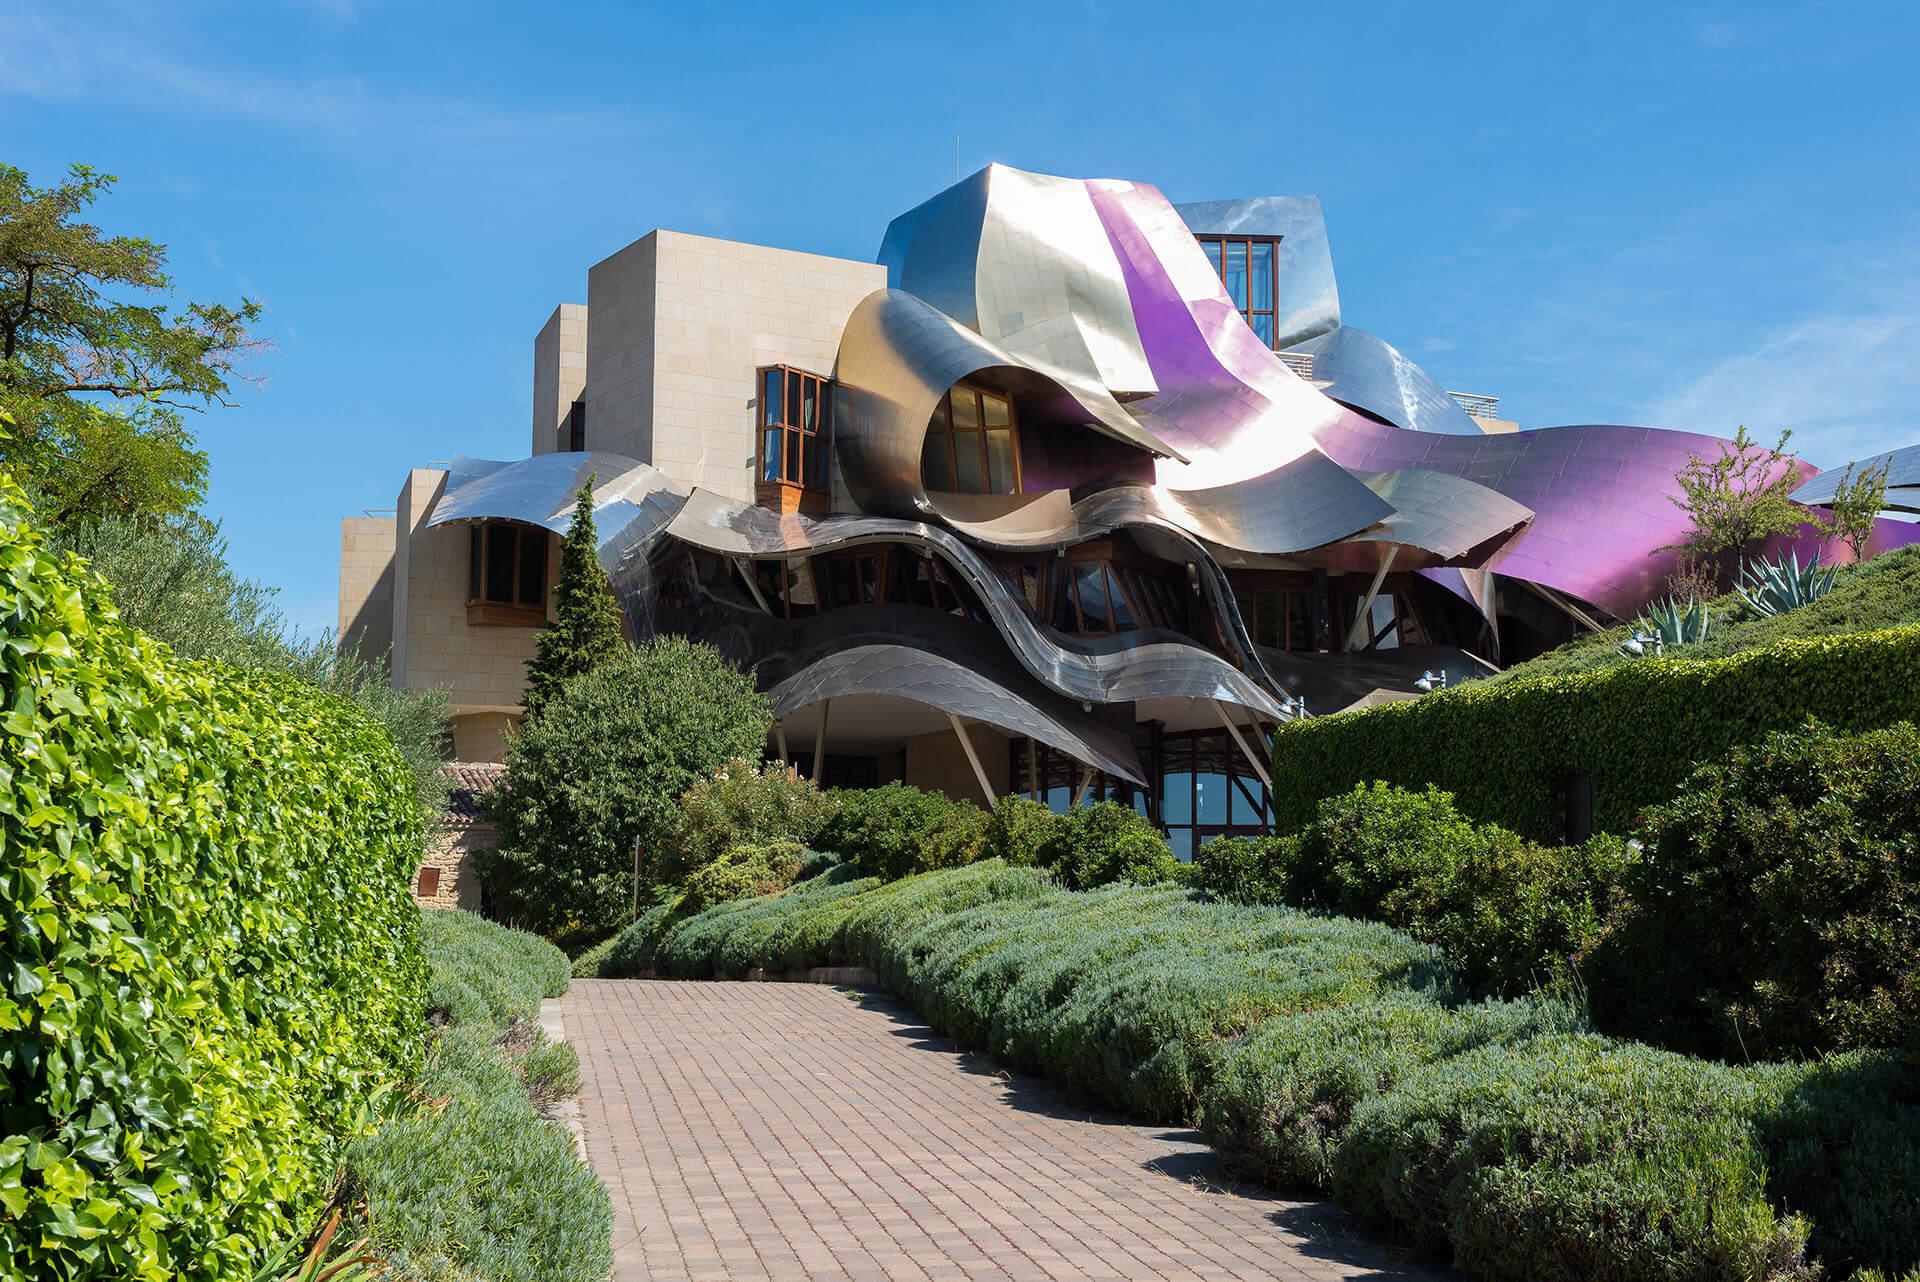 Frank Gehry designed hotel El Marques de Riscal in Elciego, Spain